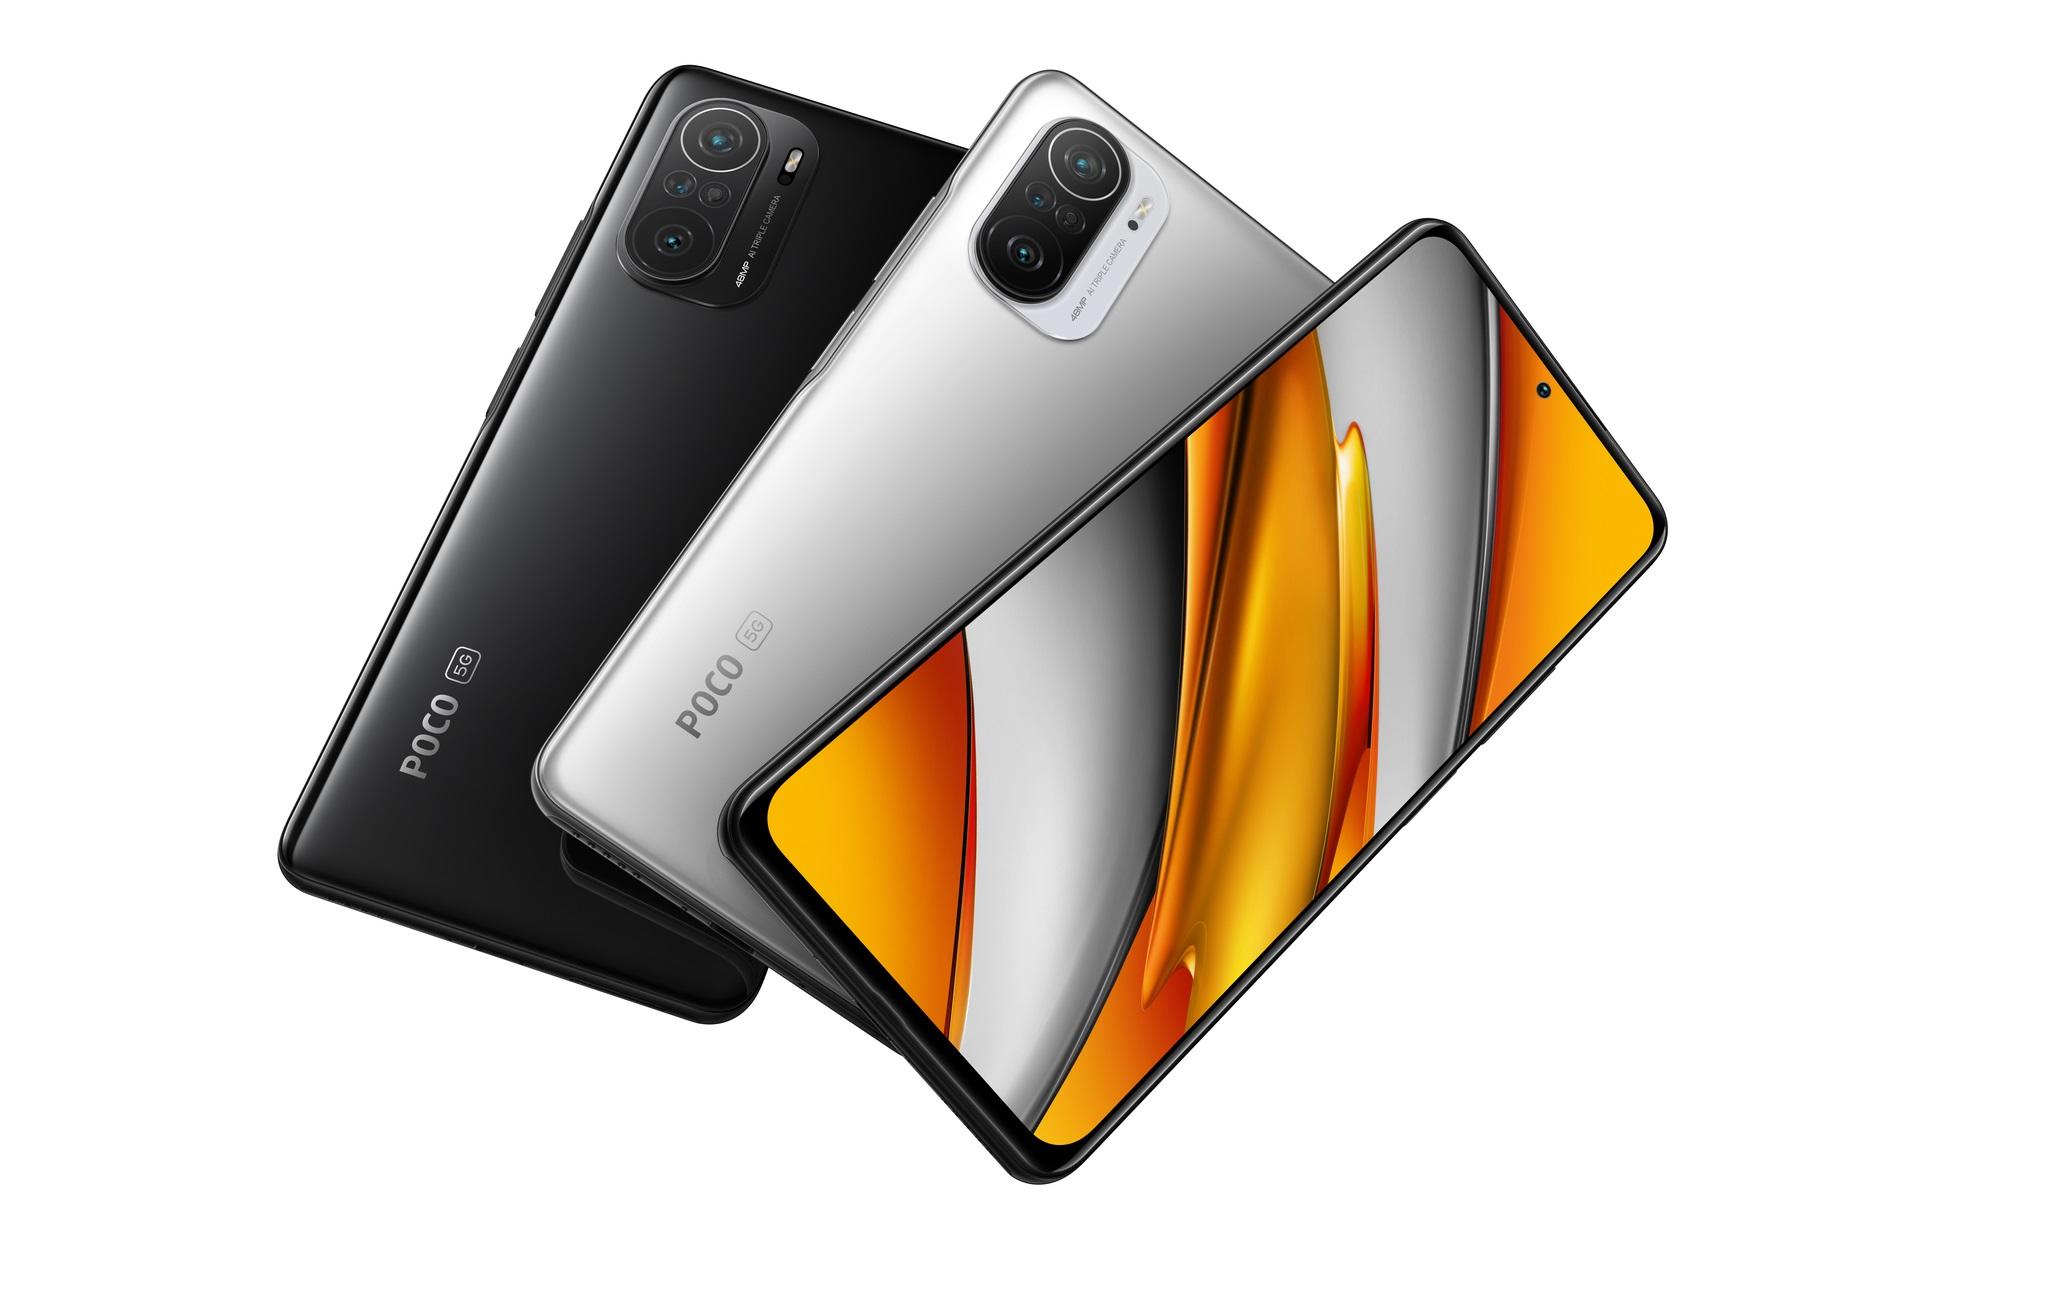 Puterea întâlnește viteza: POCO lansează două telefoane flagship POCO F3 și POCO X3 Pro, exact ce ai nevoie și chiar mai mult